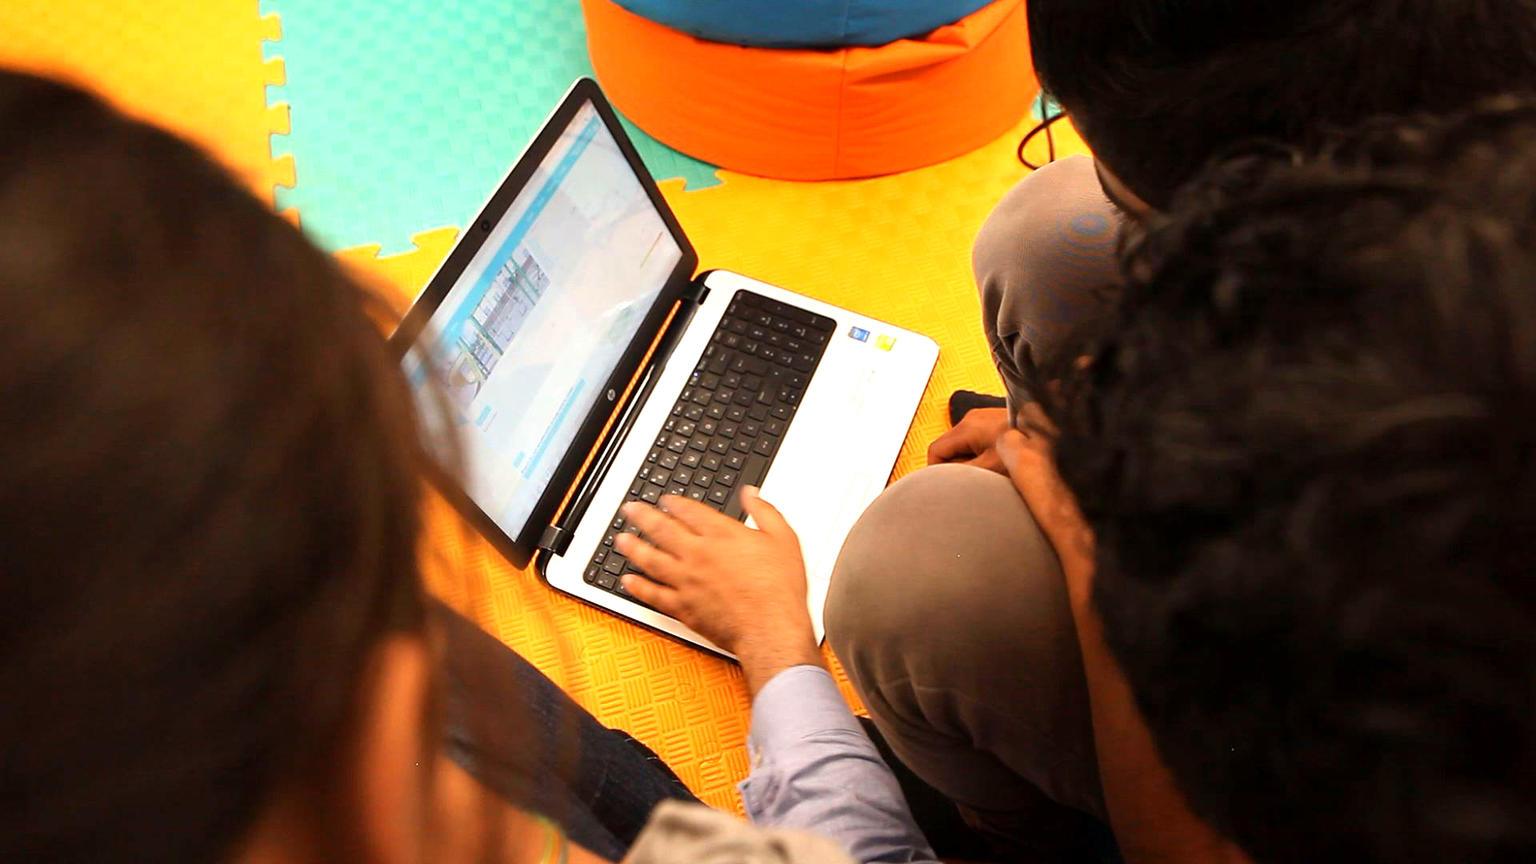 Los más de 175.000 niños que se conectan en línea por primera vez todos los días disfrutan de grandes oportunidades pero confrontan también graves riesgos